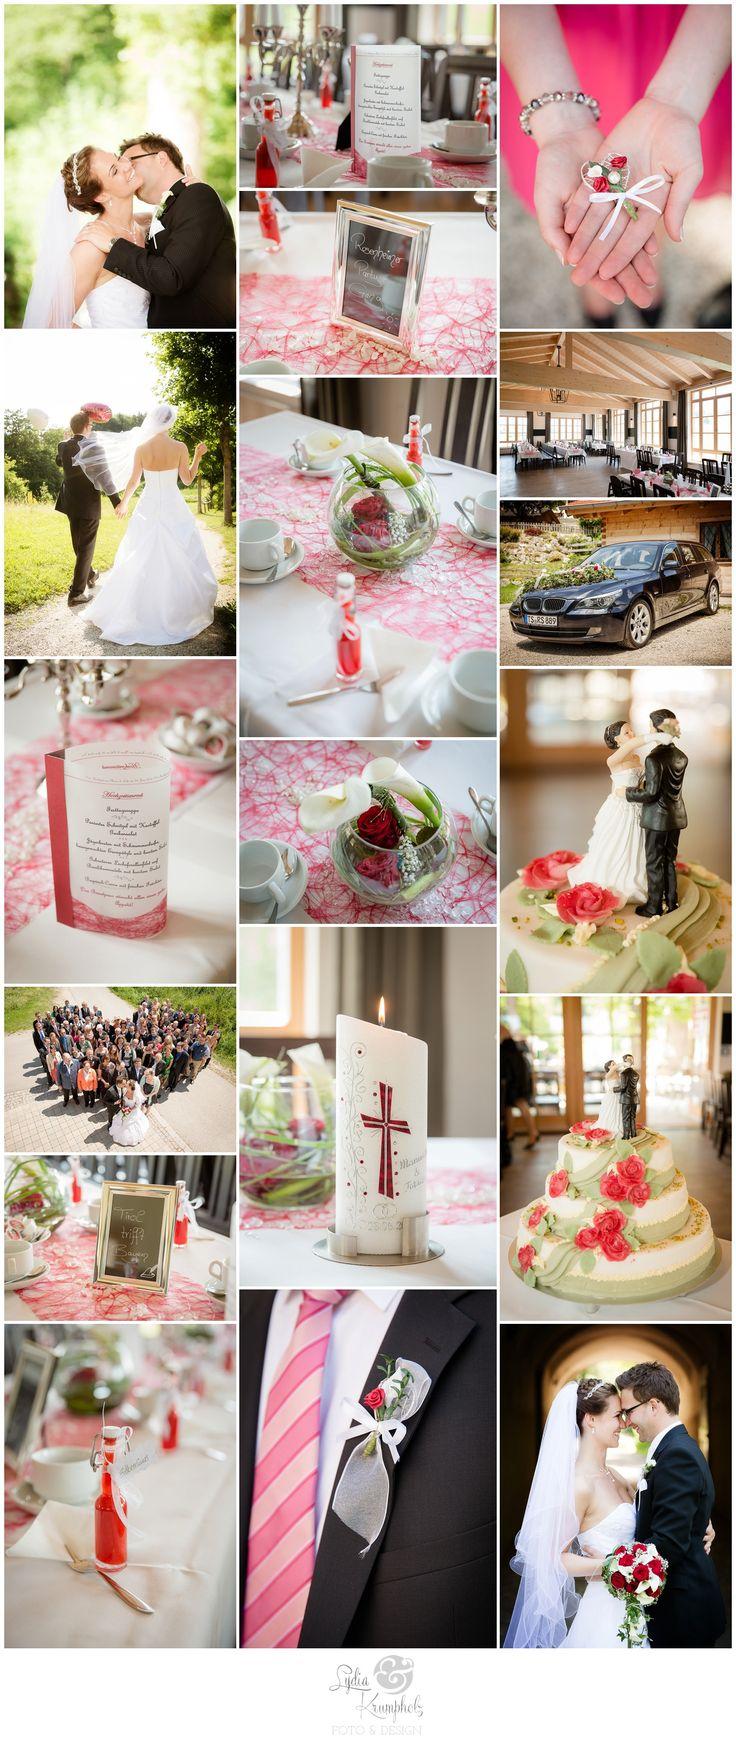 Klassische Hochzeitsdekoration mit bayerischem Touch  #hochzeitsdeko #hochzeitskonzept #weddingdecoration #classic #red #white #klassisch #rot #weiss